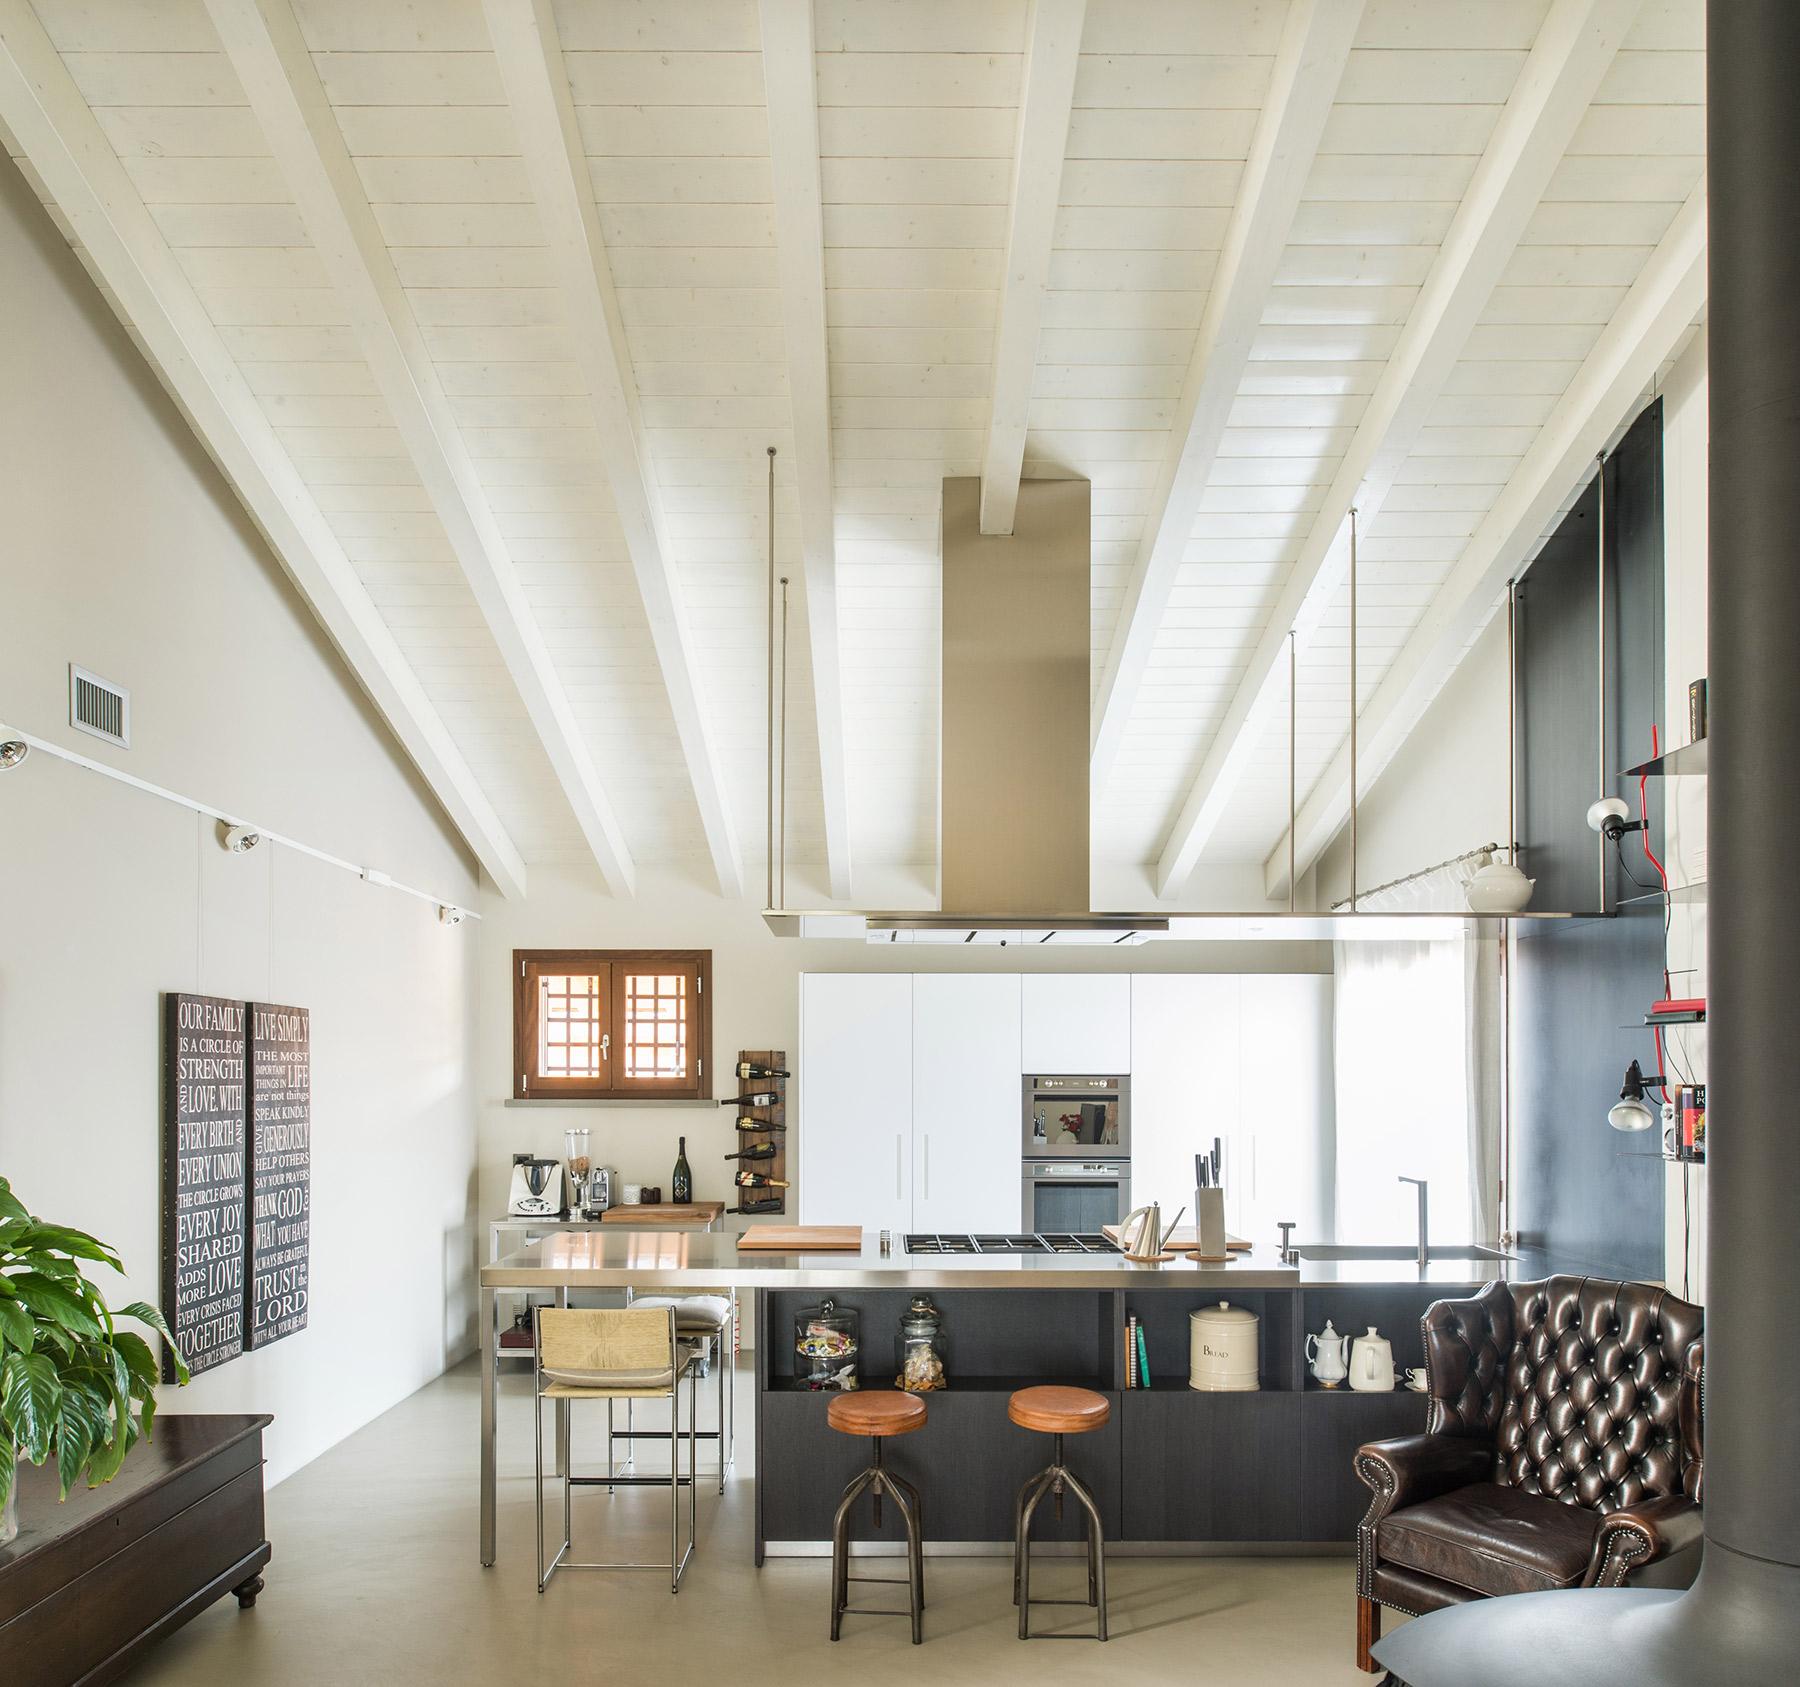 Tra design e arredi stile vintage al portico arredamenti for Cf arredamenti monterosi